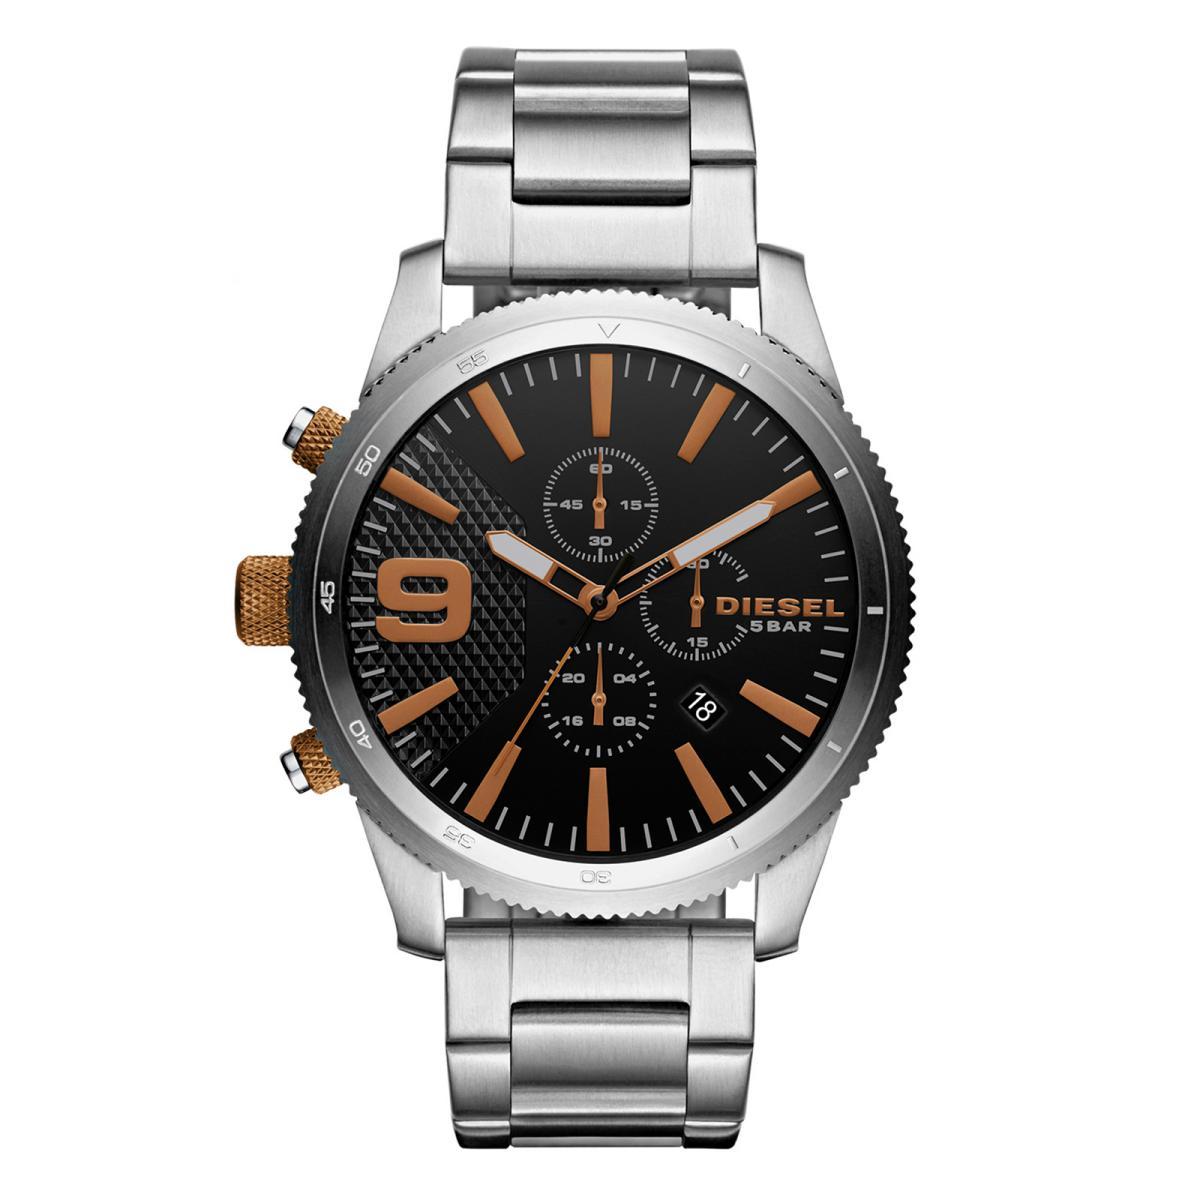 fa0bad290ae7 Reloj Diesel - DZ4457 - Hombre - Time Square